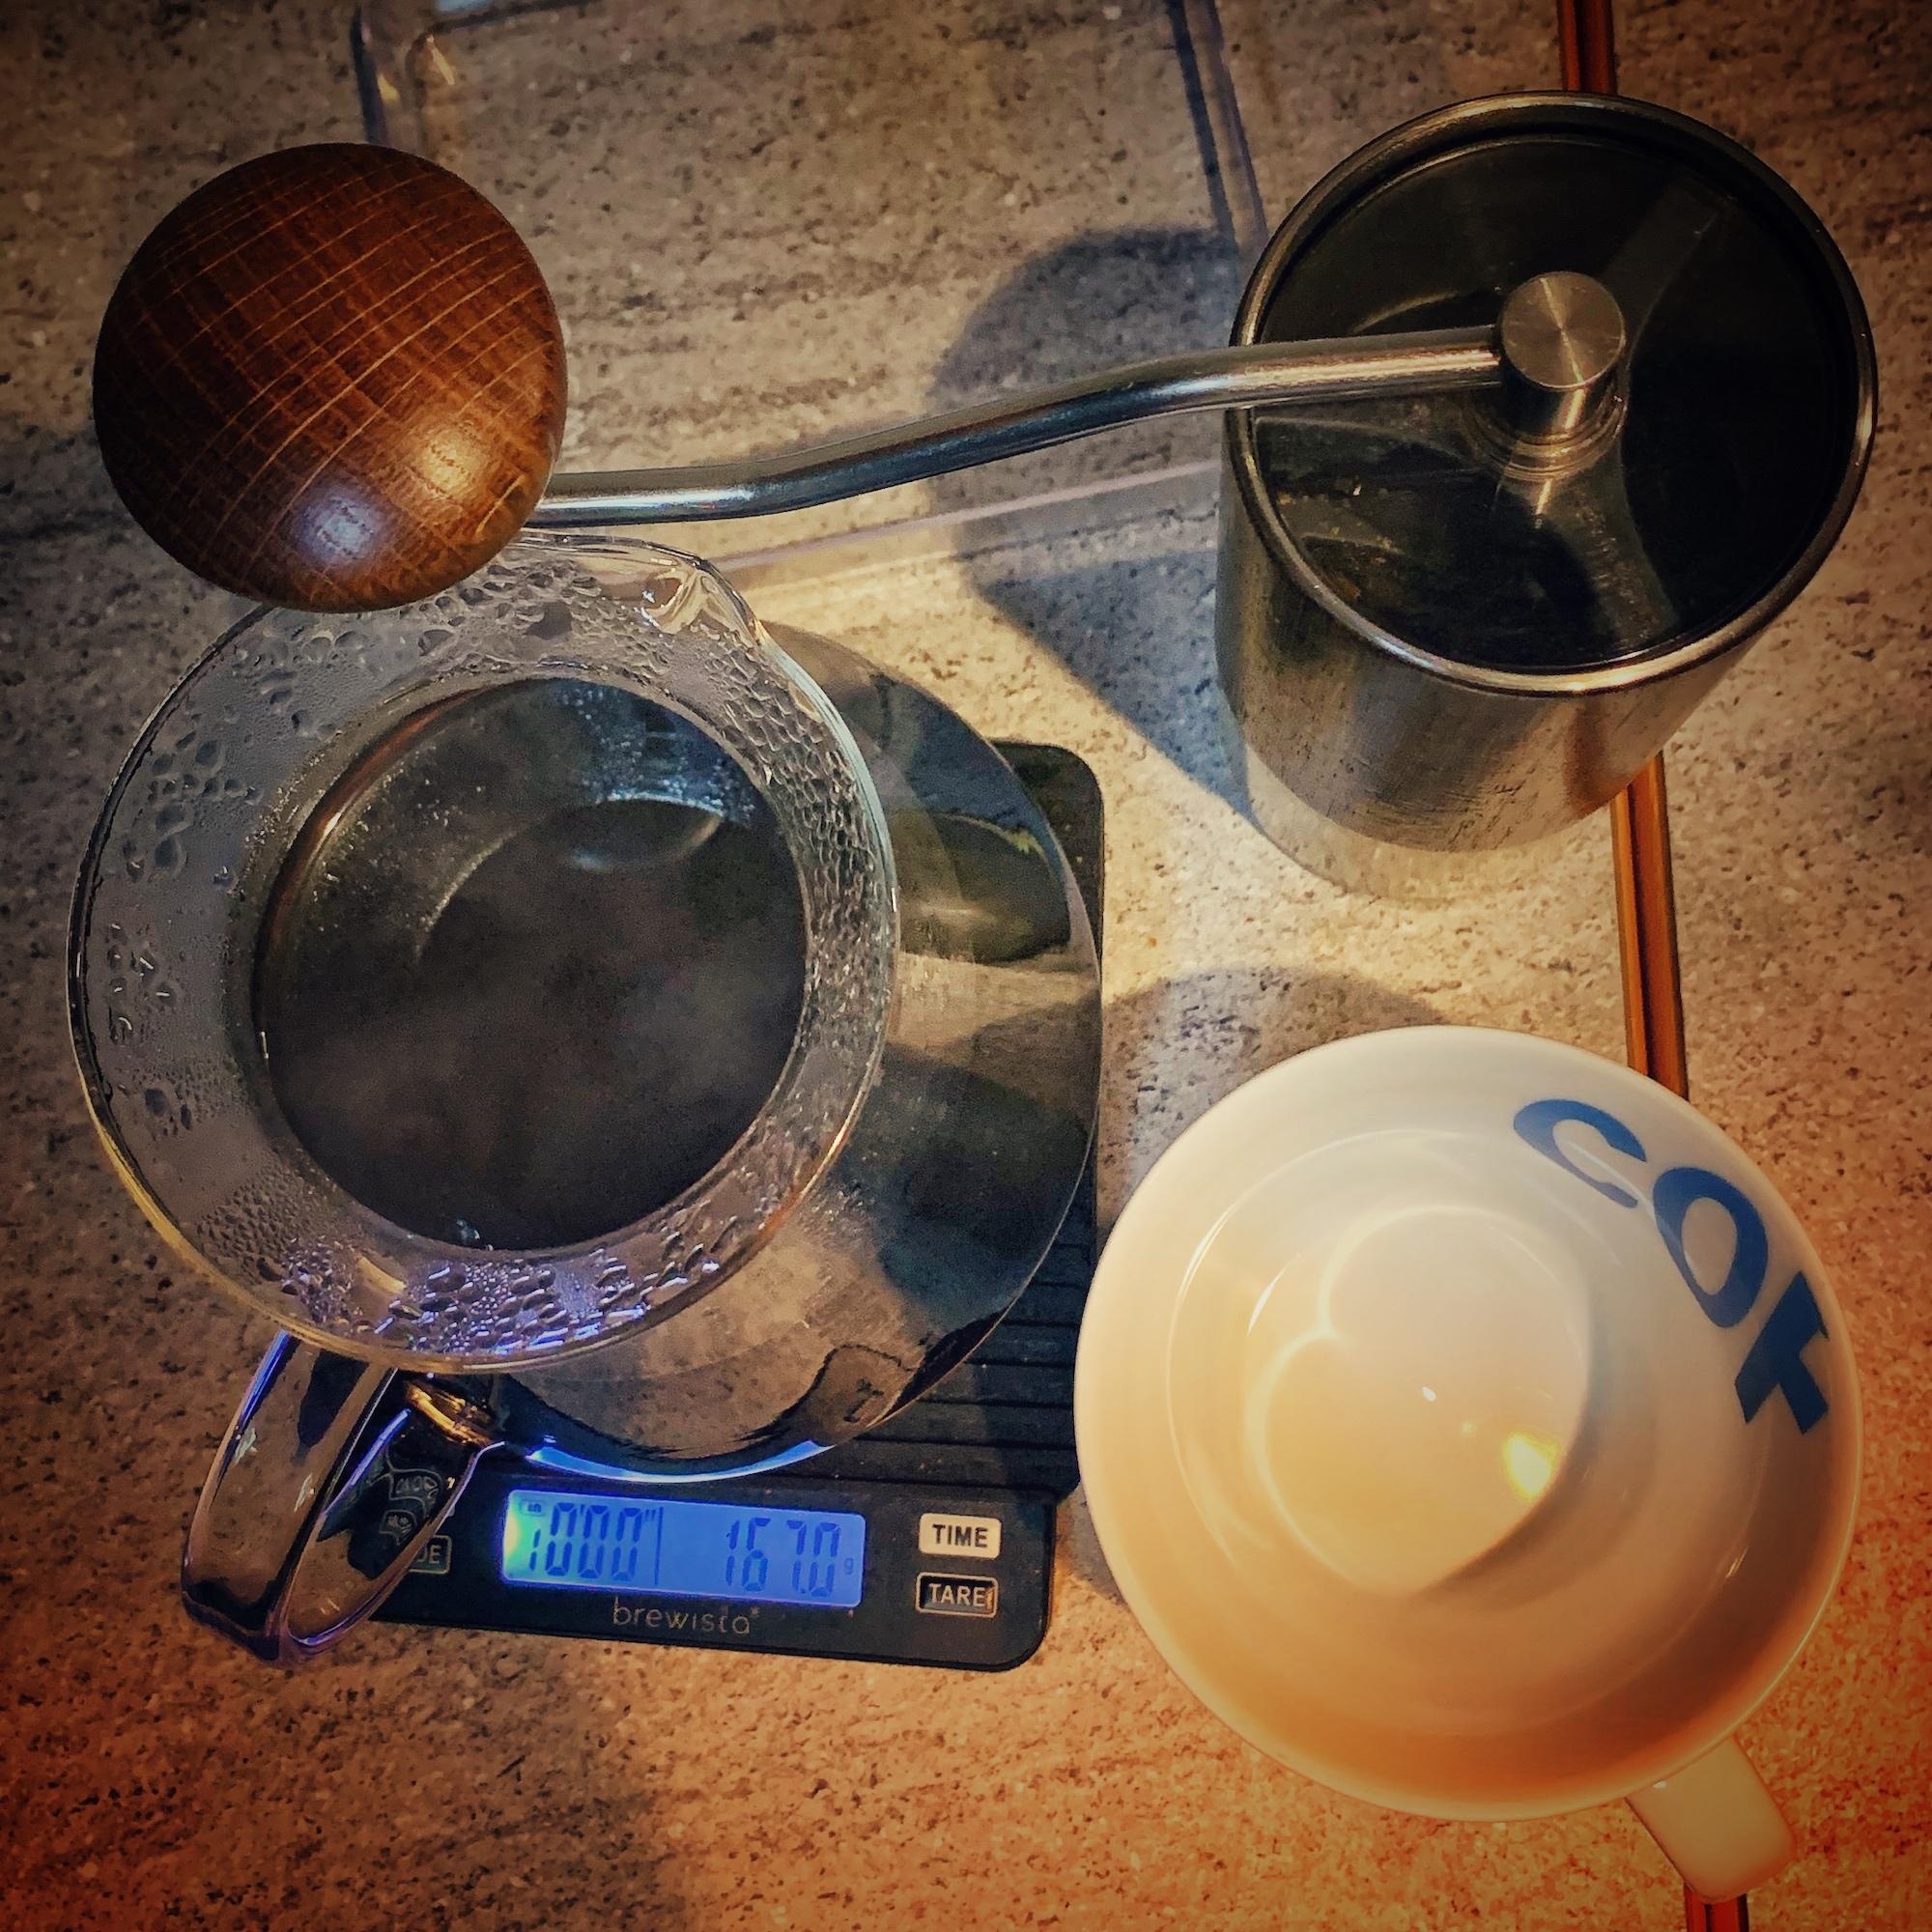 Aus der Vogelperspektive sehen wir eine Commandante Kaffeemühle, eine weiße Porzellantasse, ein Hario Glas Kanne und eine Brewista Smart Scale auf einem grau melierten Tisch stehen.